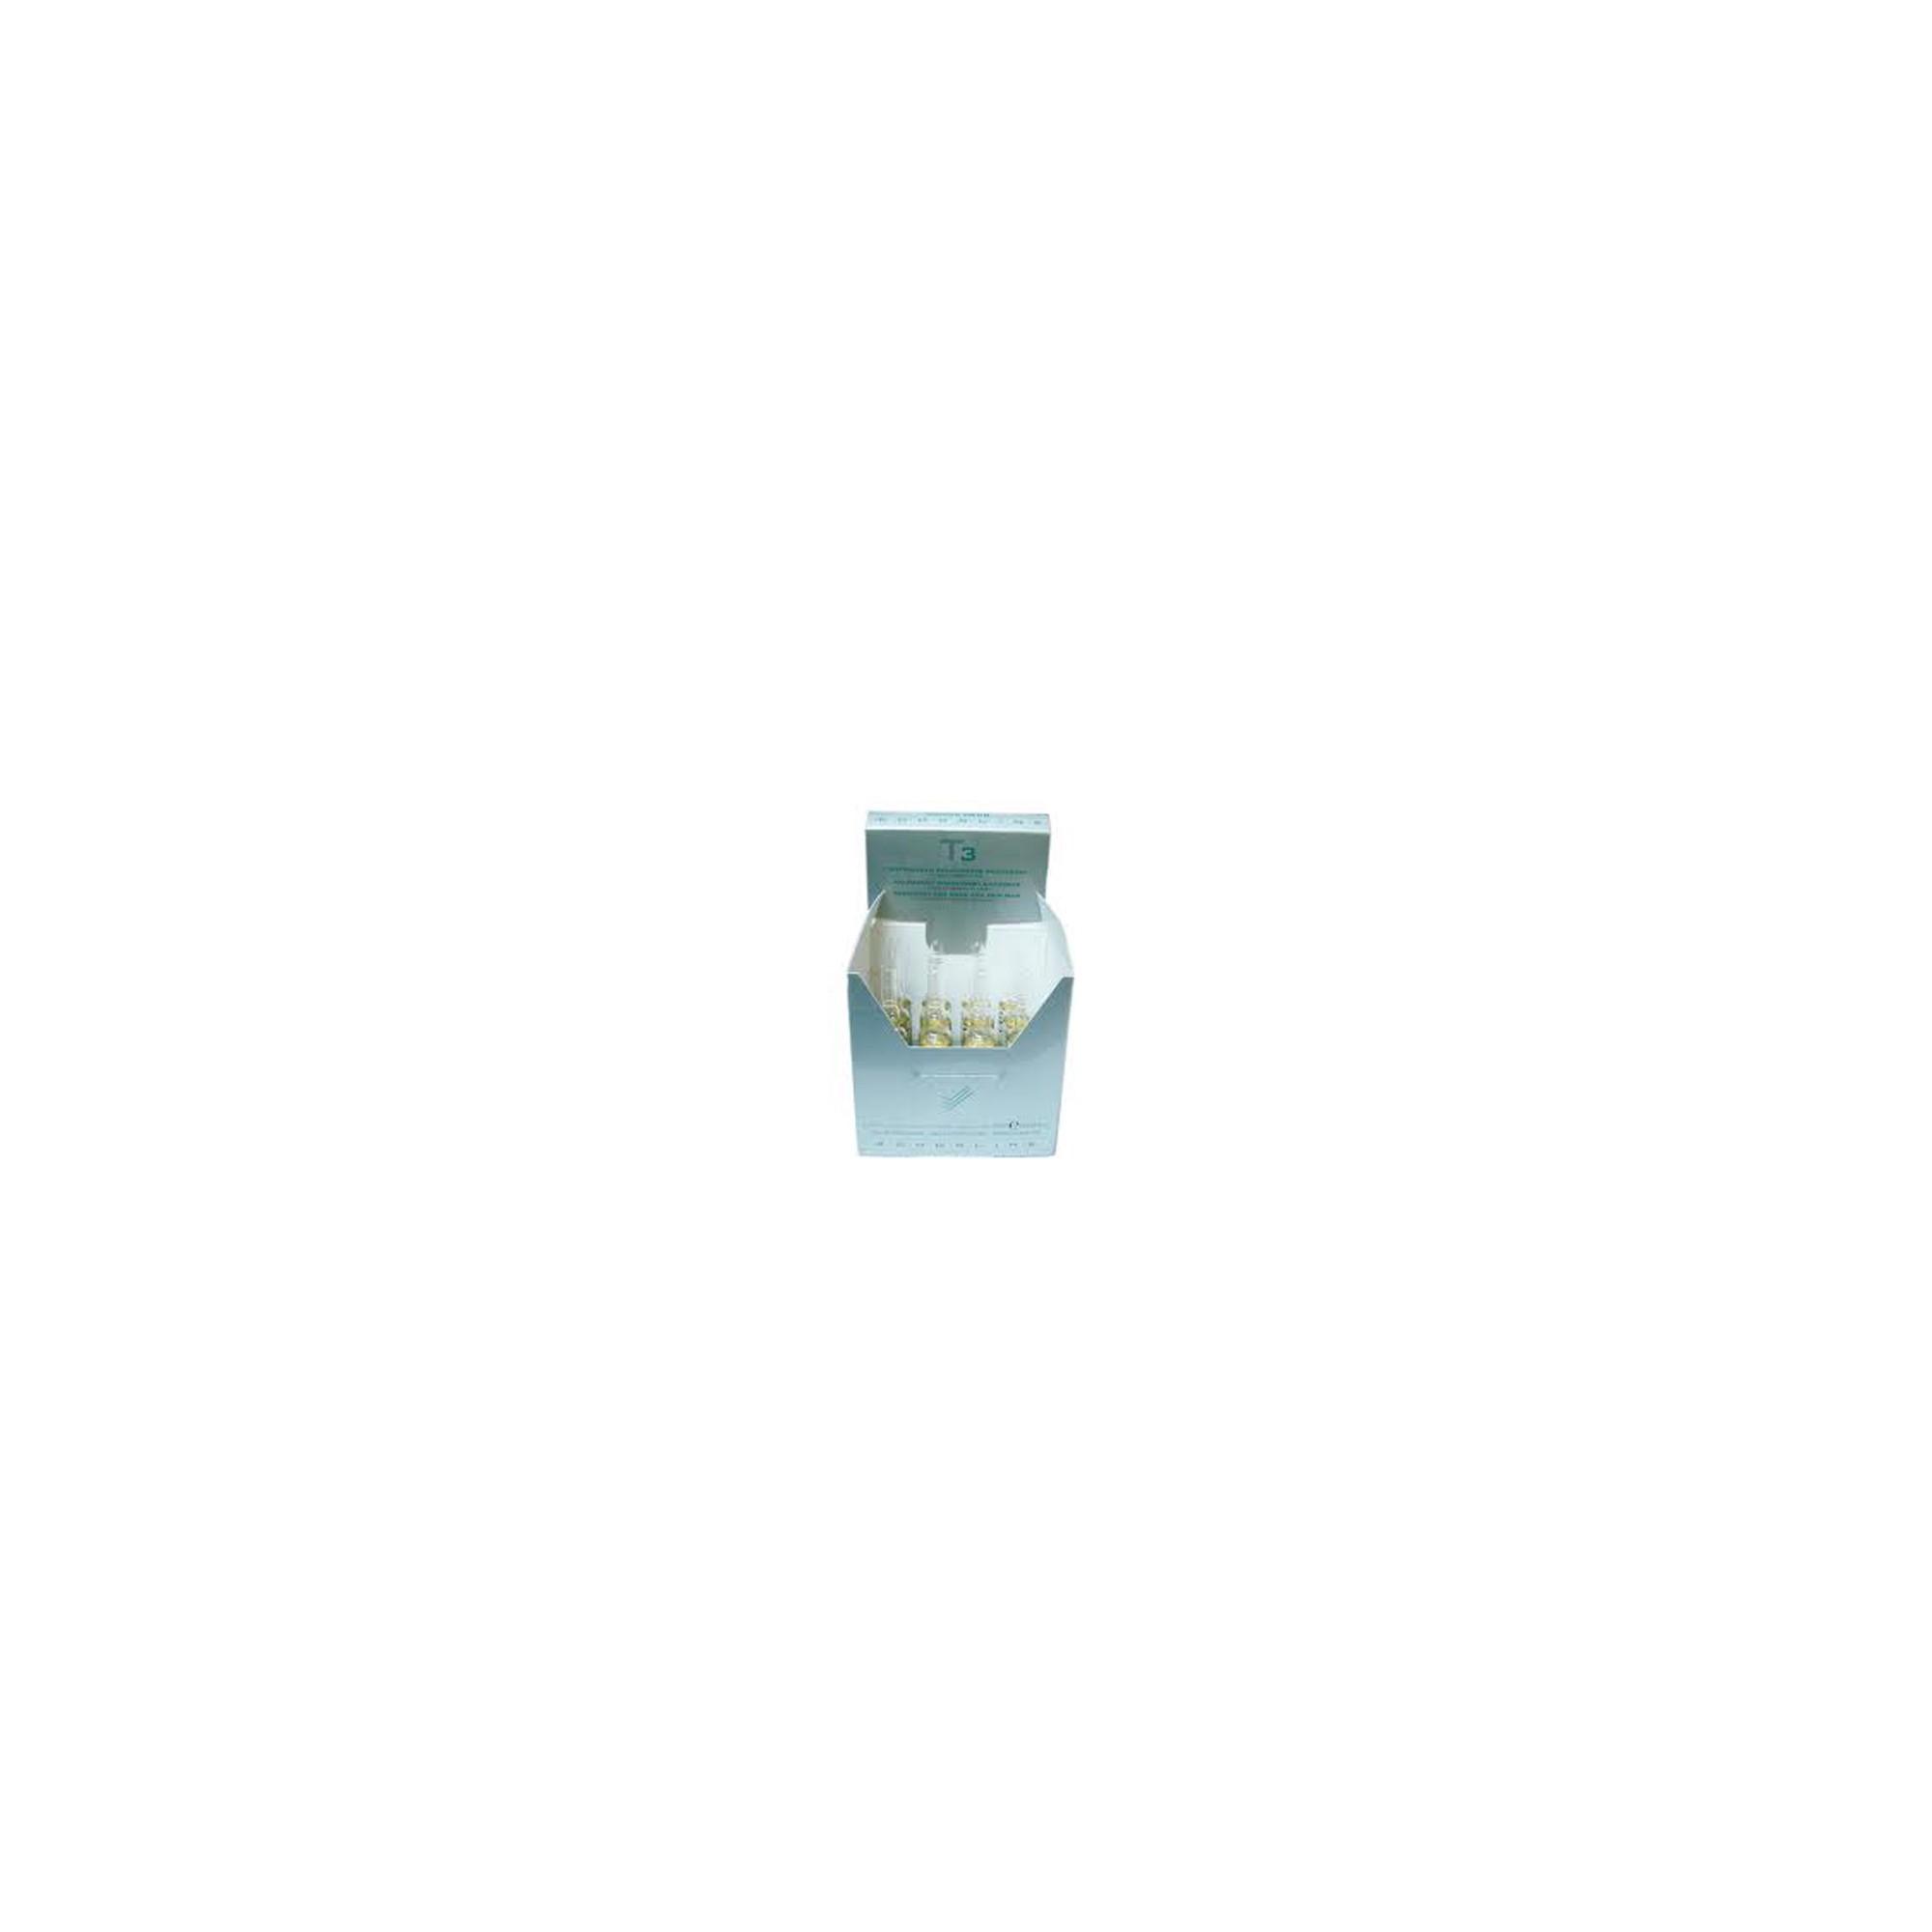 Echos T3 - Trattamento Energizzante 12 fiale x 10 ml